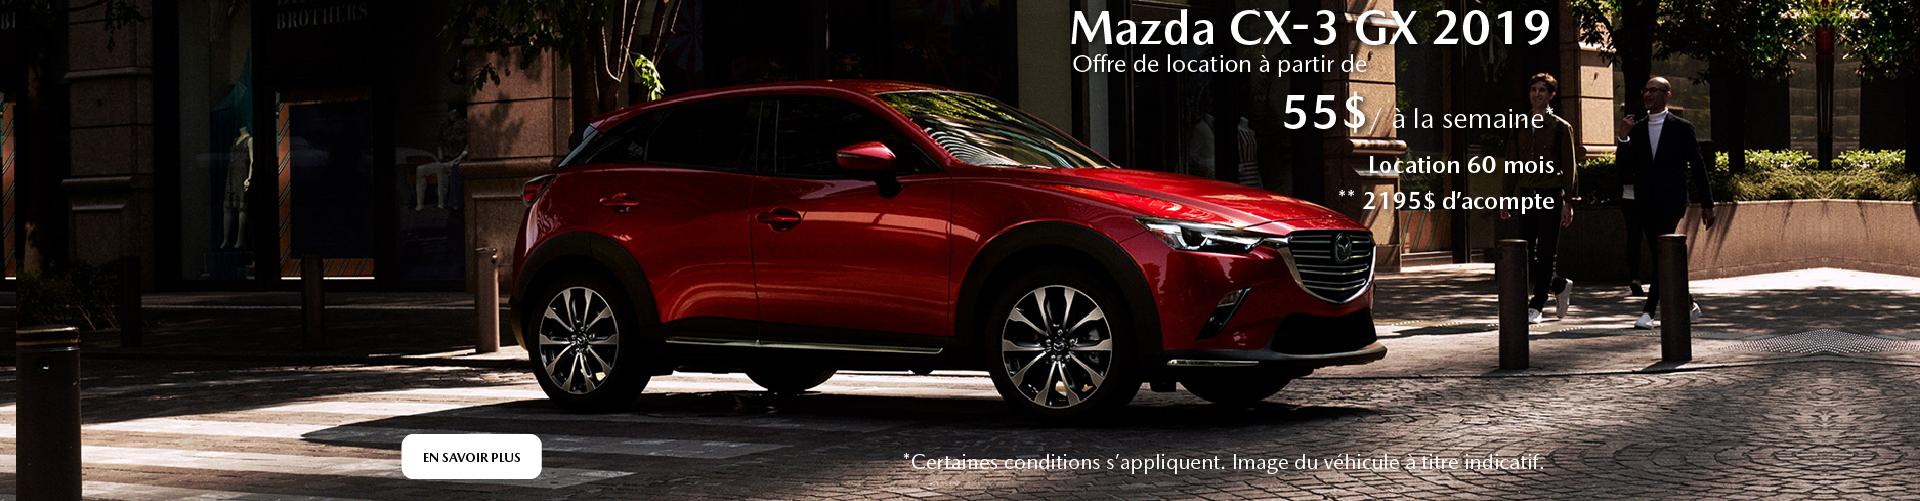 2019 Mazda CX-3_FR